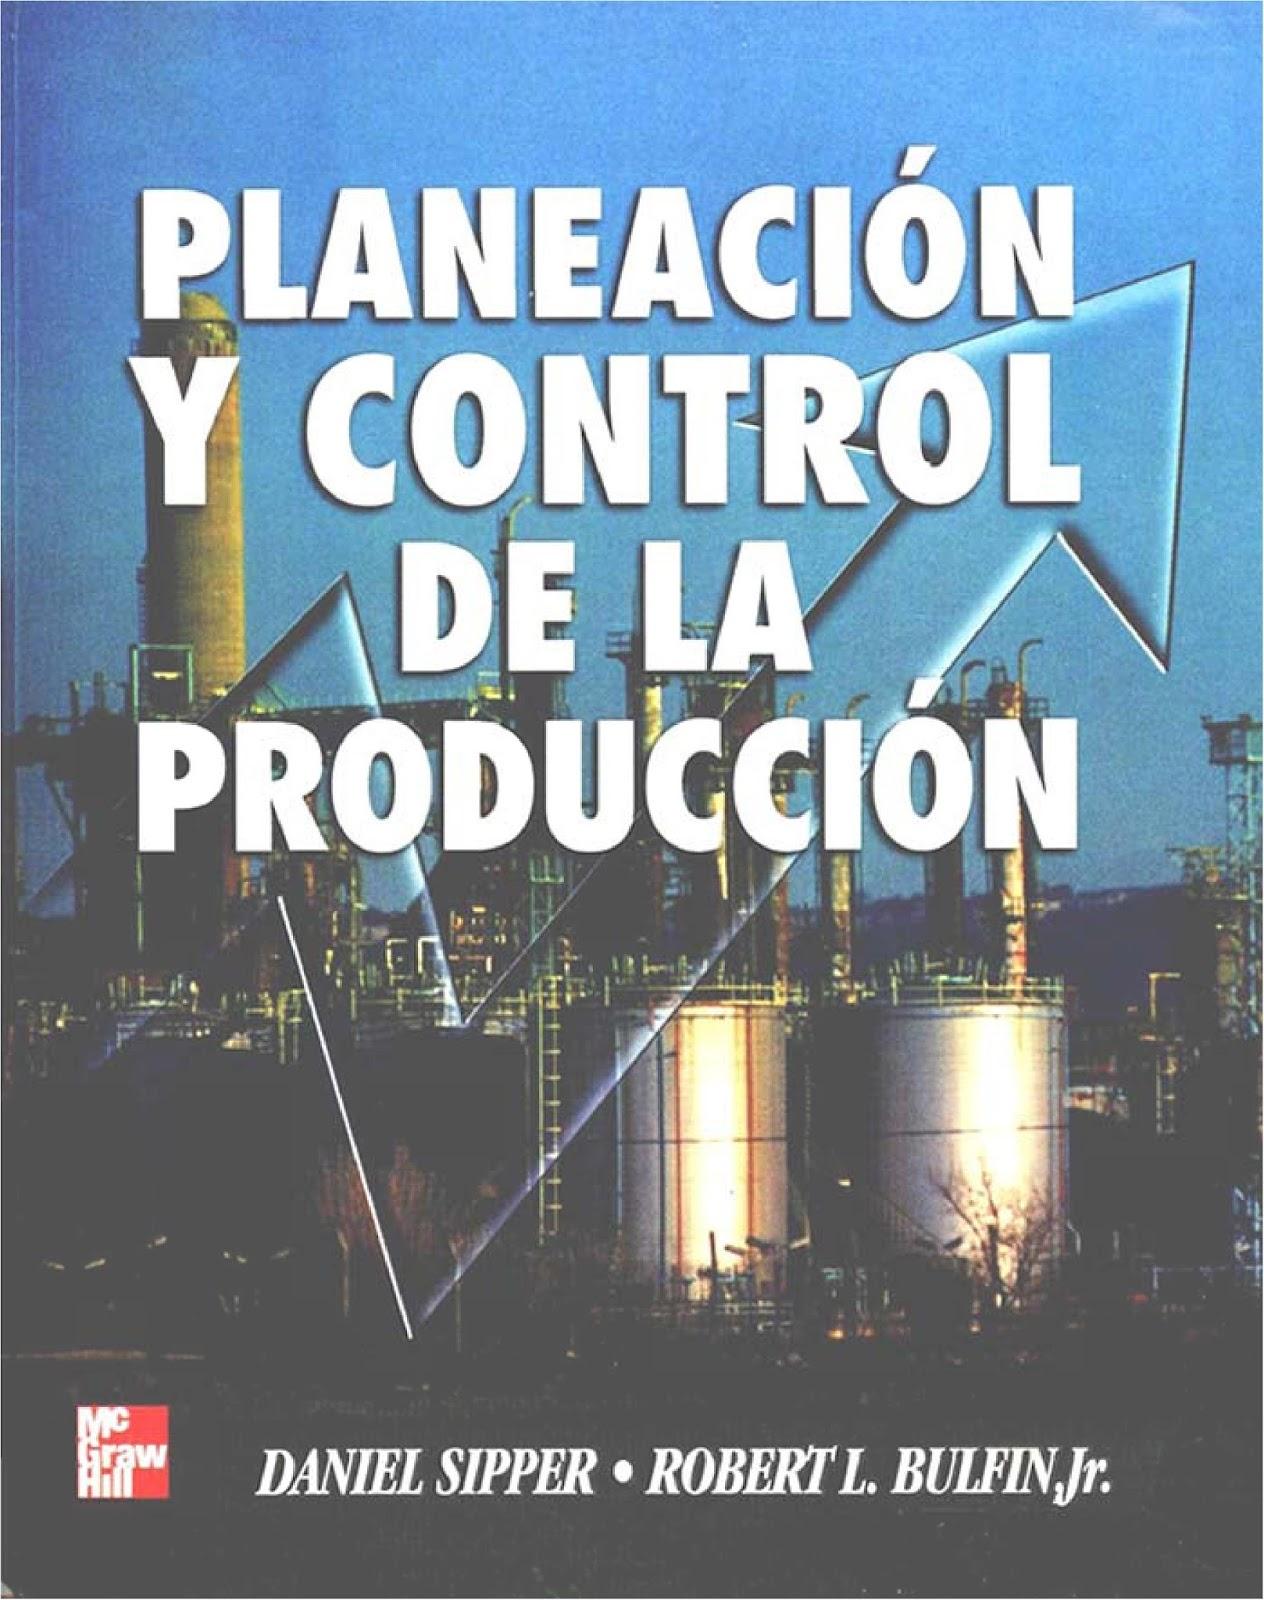 planeacion y control de la produccion daniel sipper